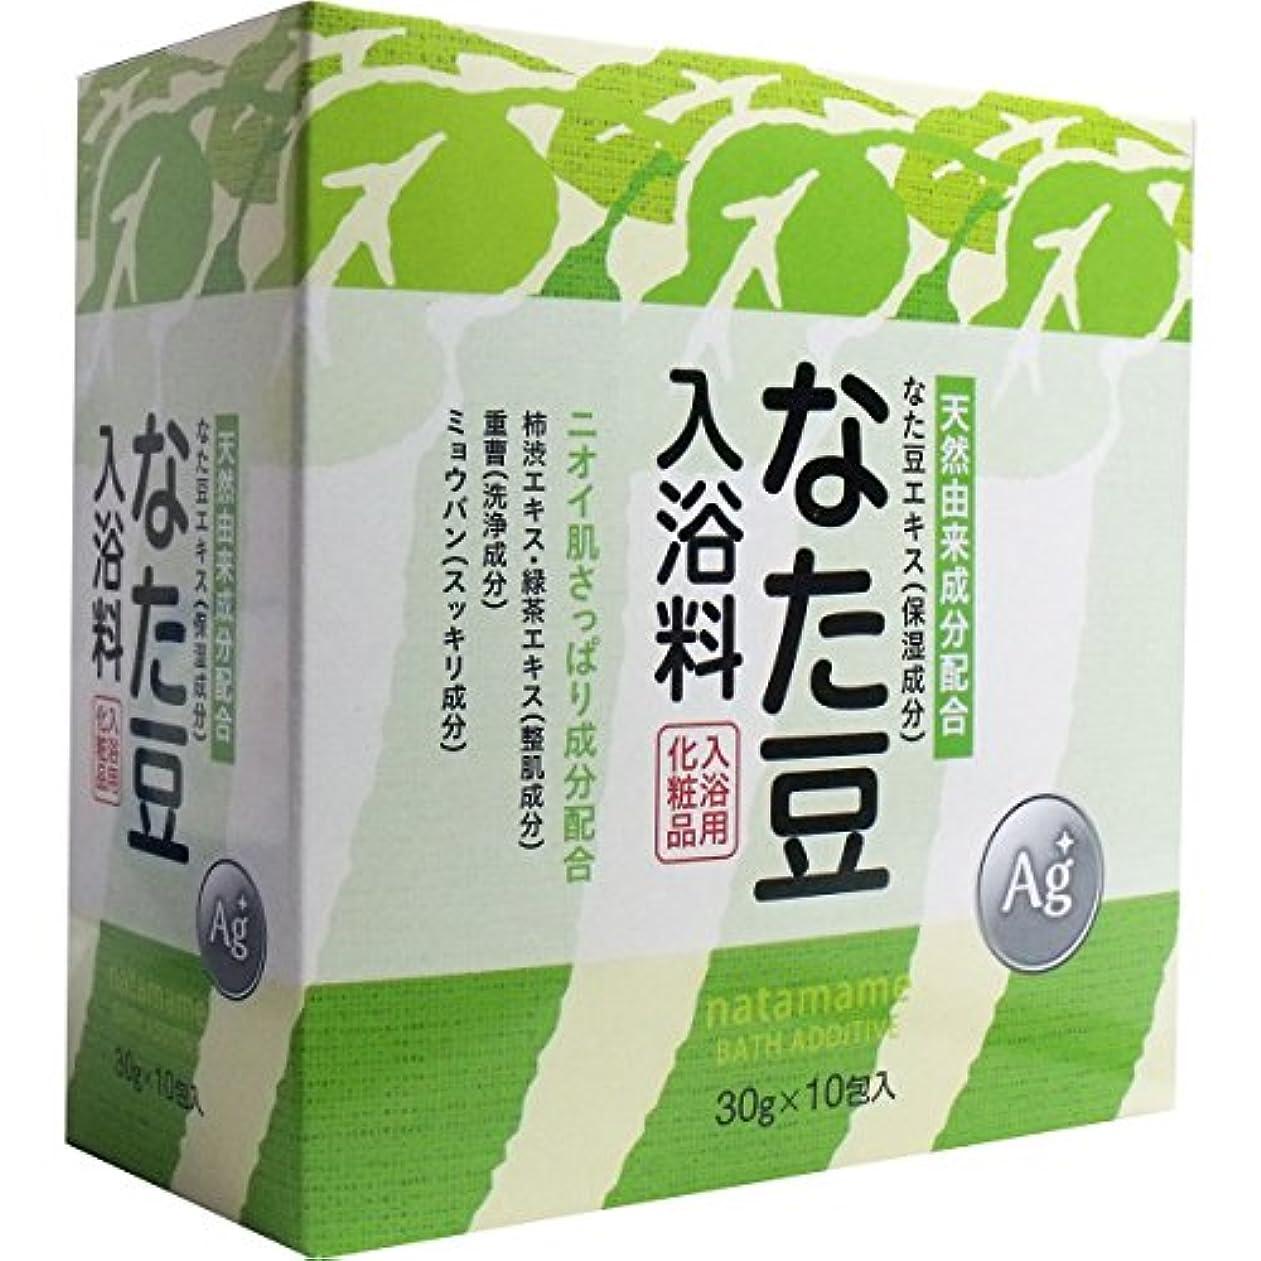 色合い傷跡イチゴ天然由来成分配合 なた豆入浴料 入浴用化粧品 30g×10包入